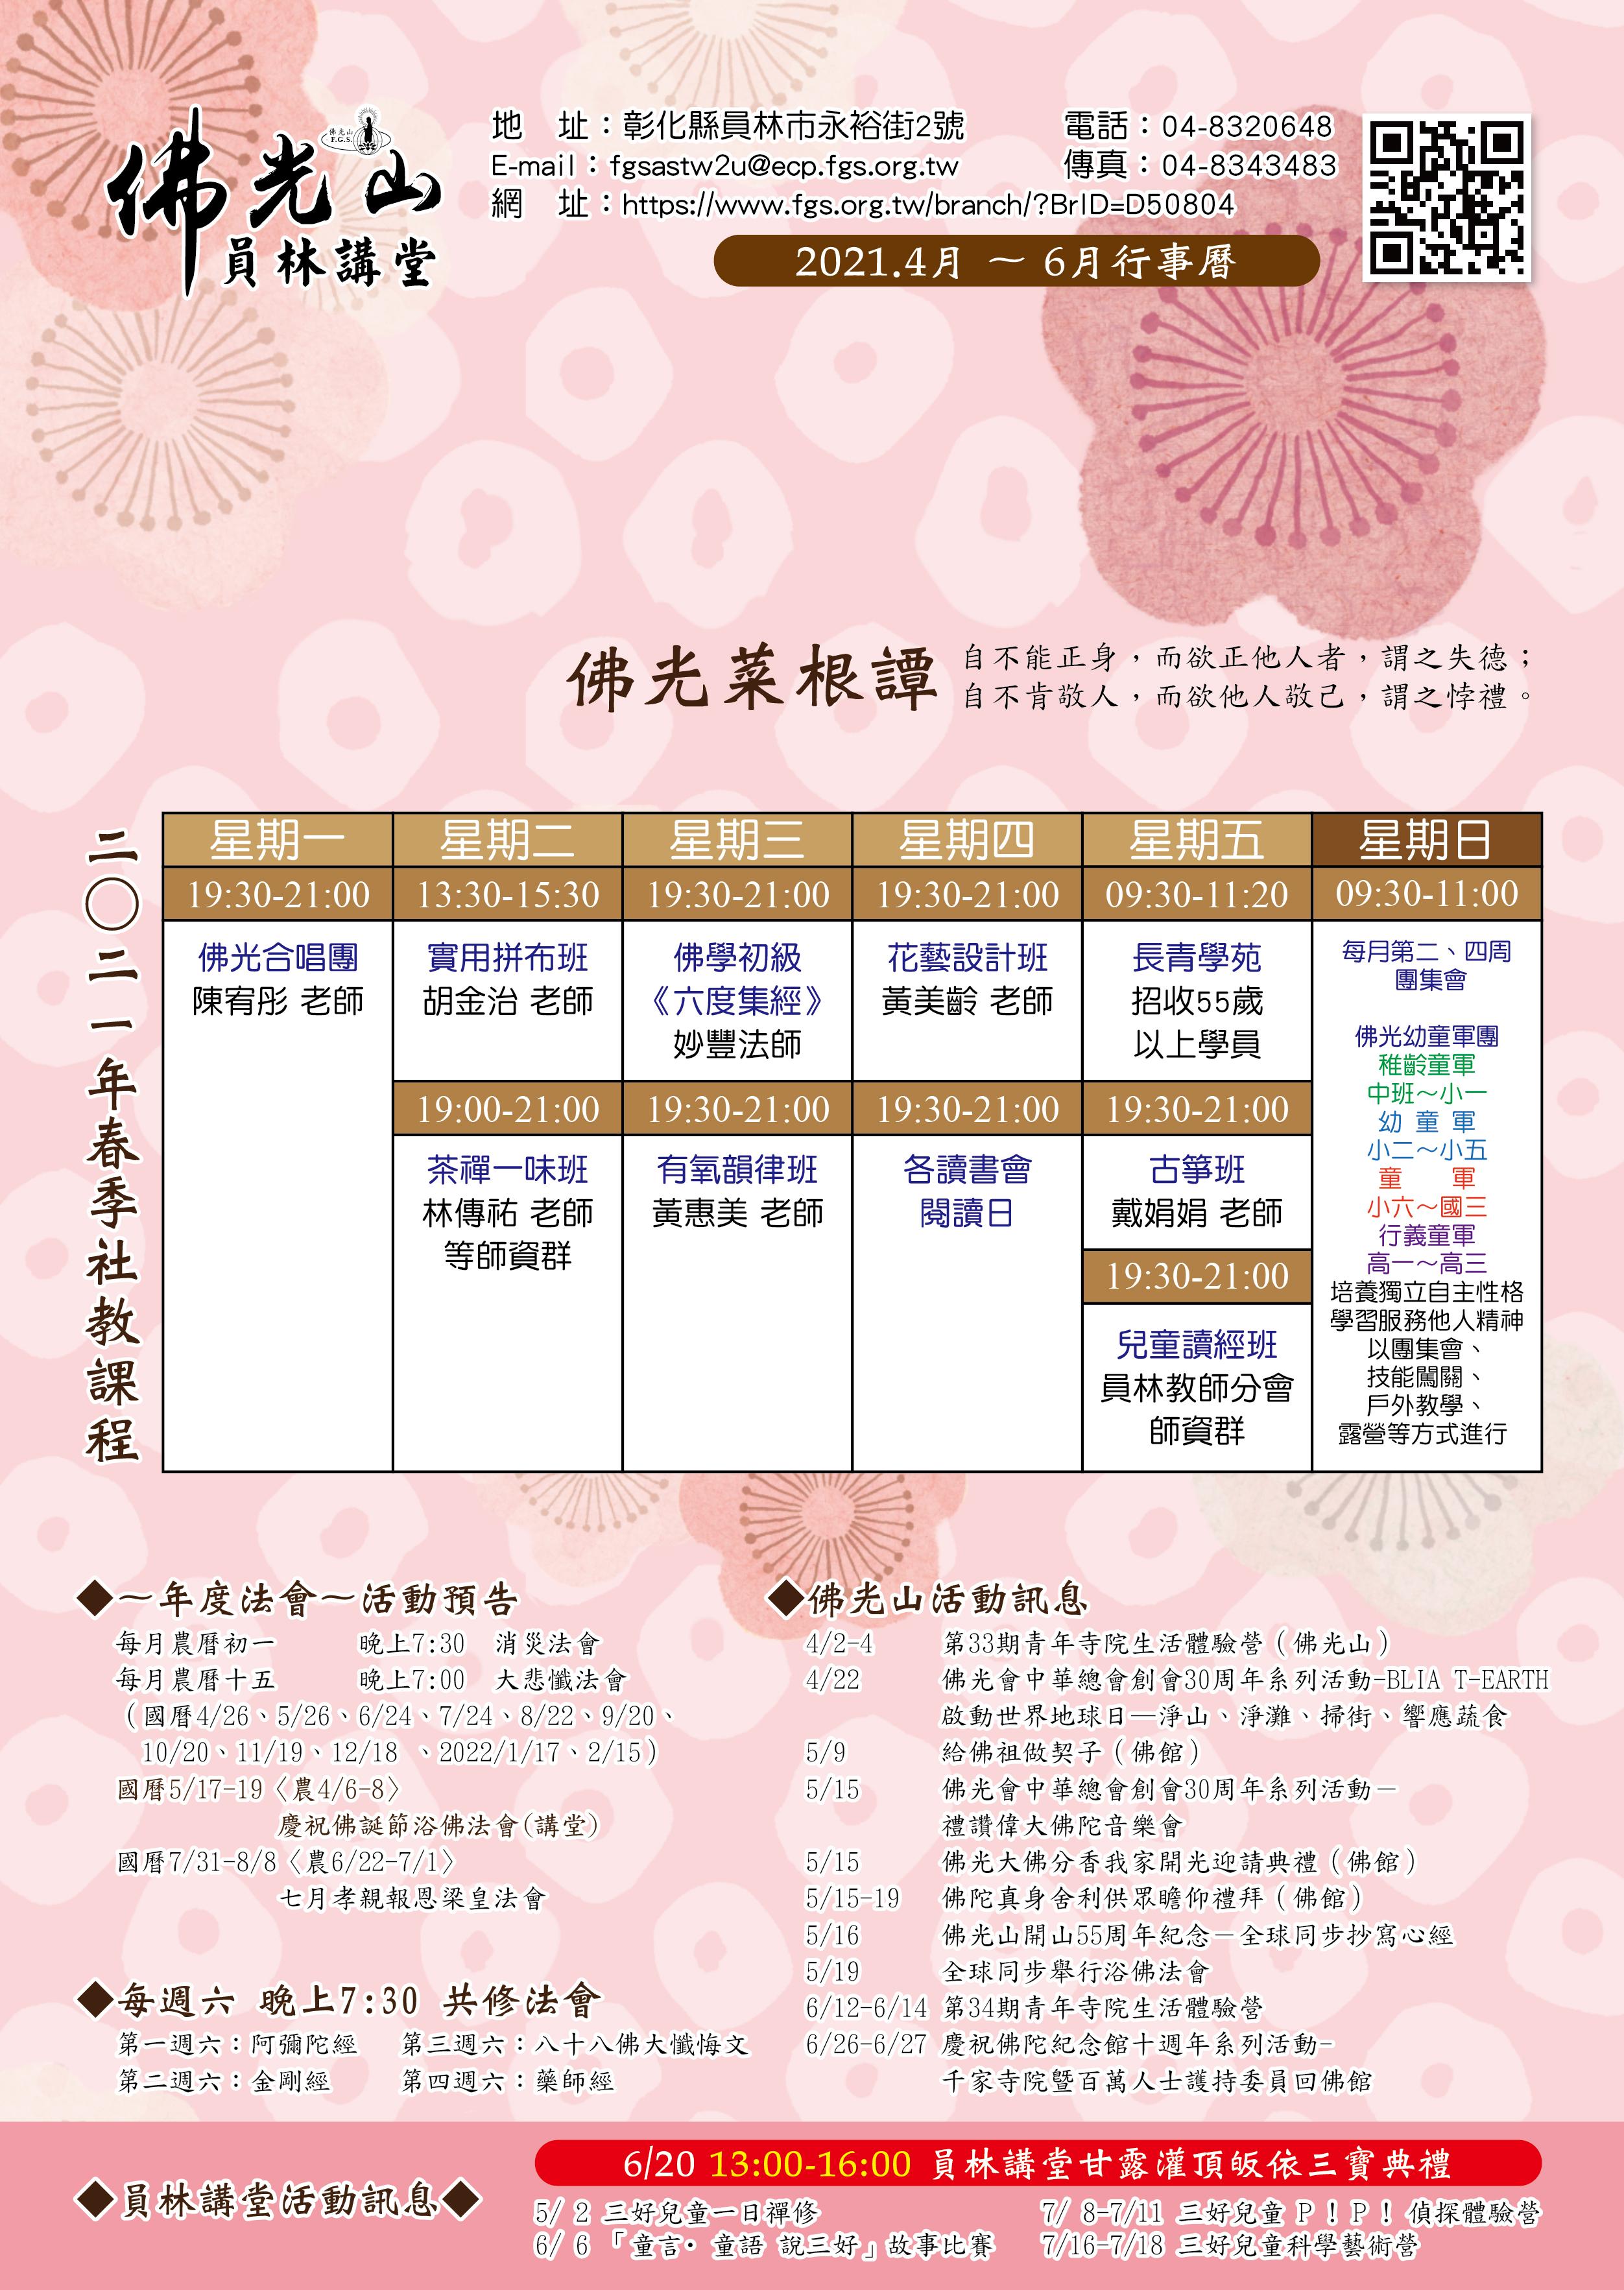 佛光山員林講堂202104~06行事曆